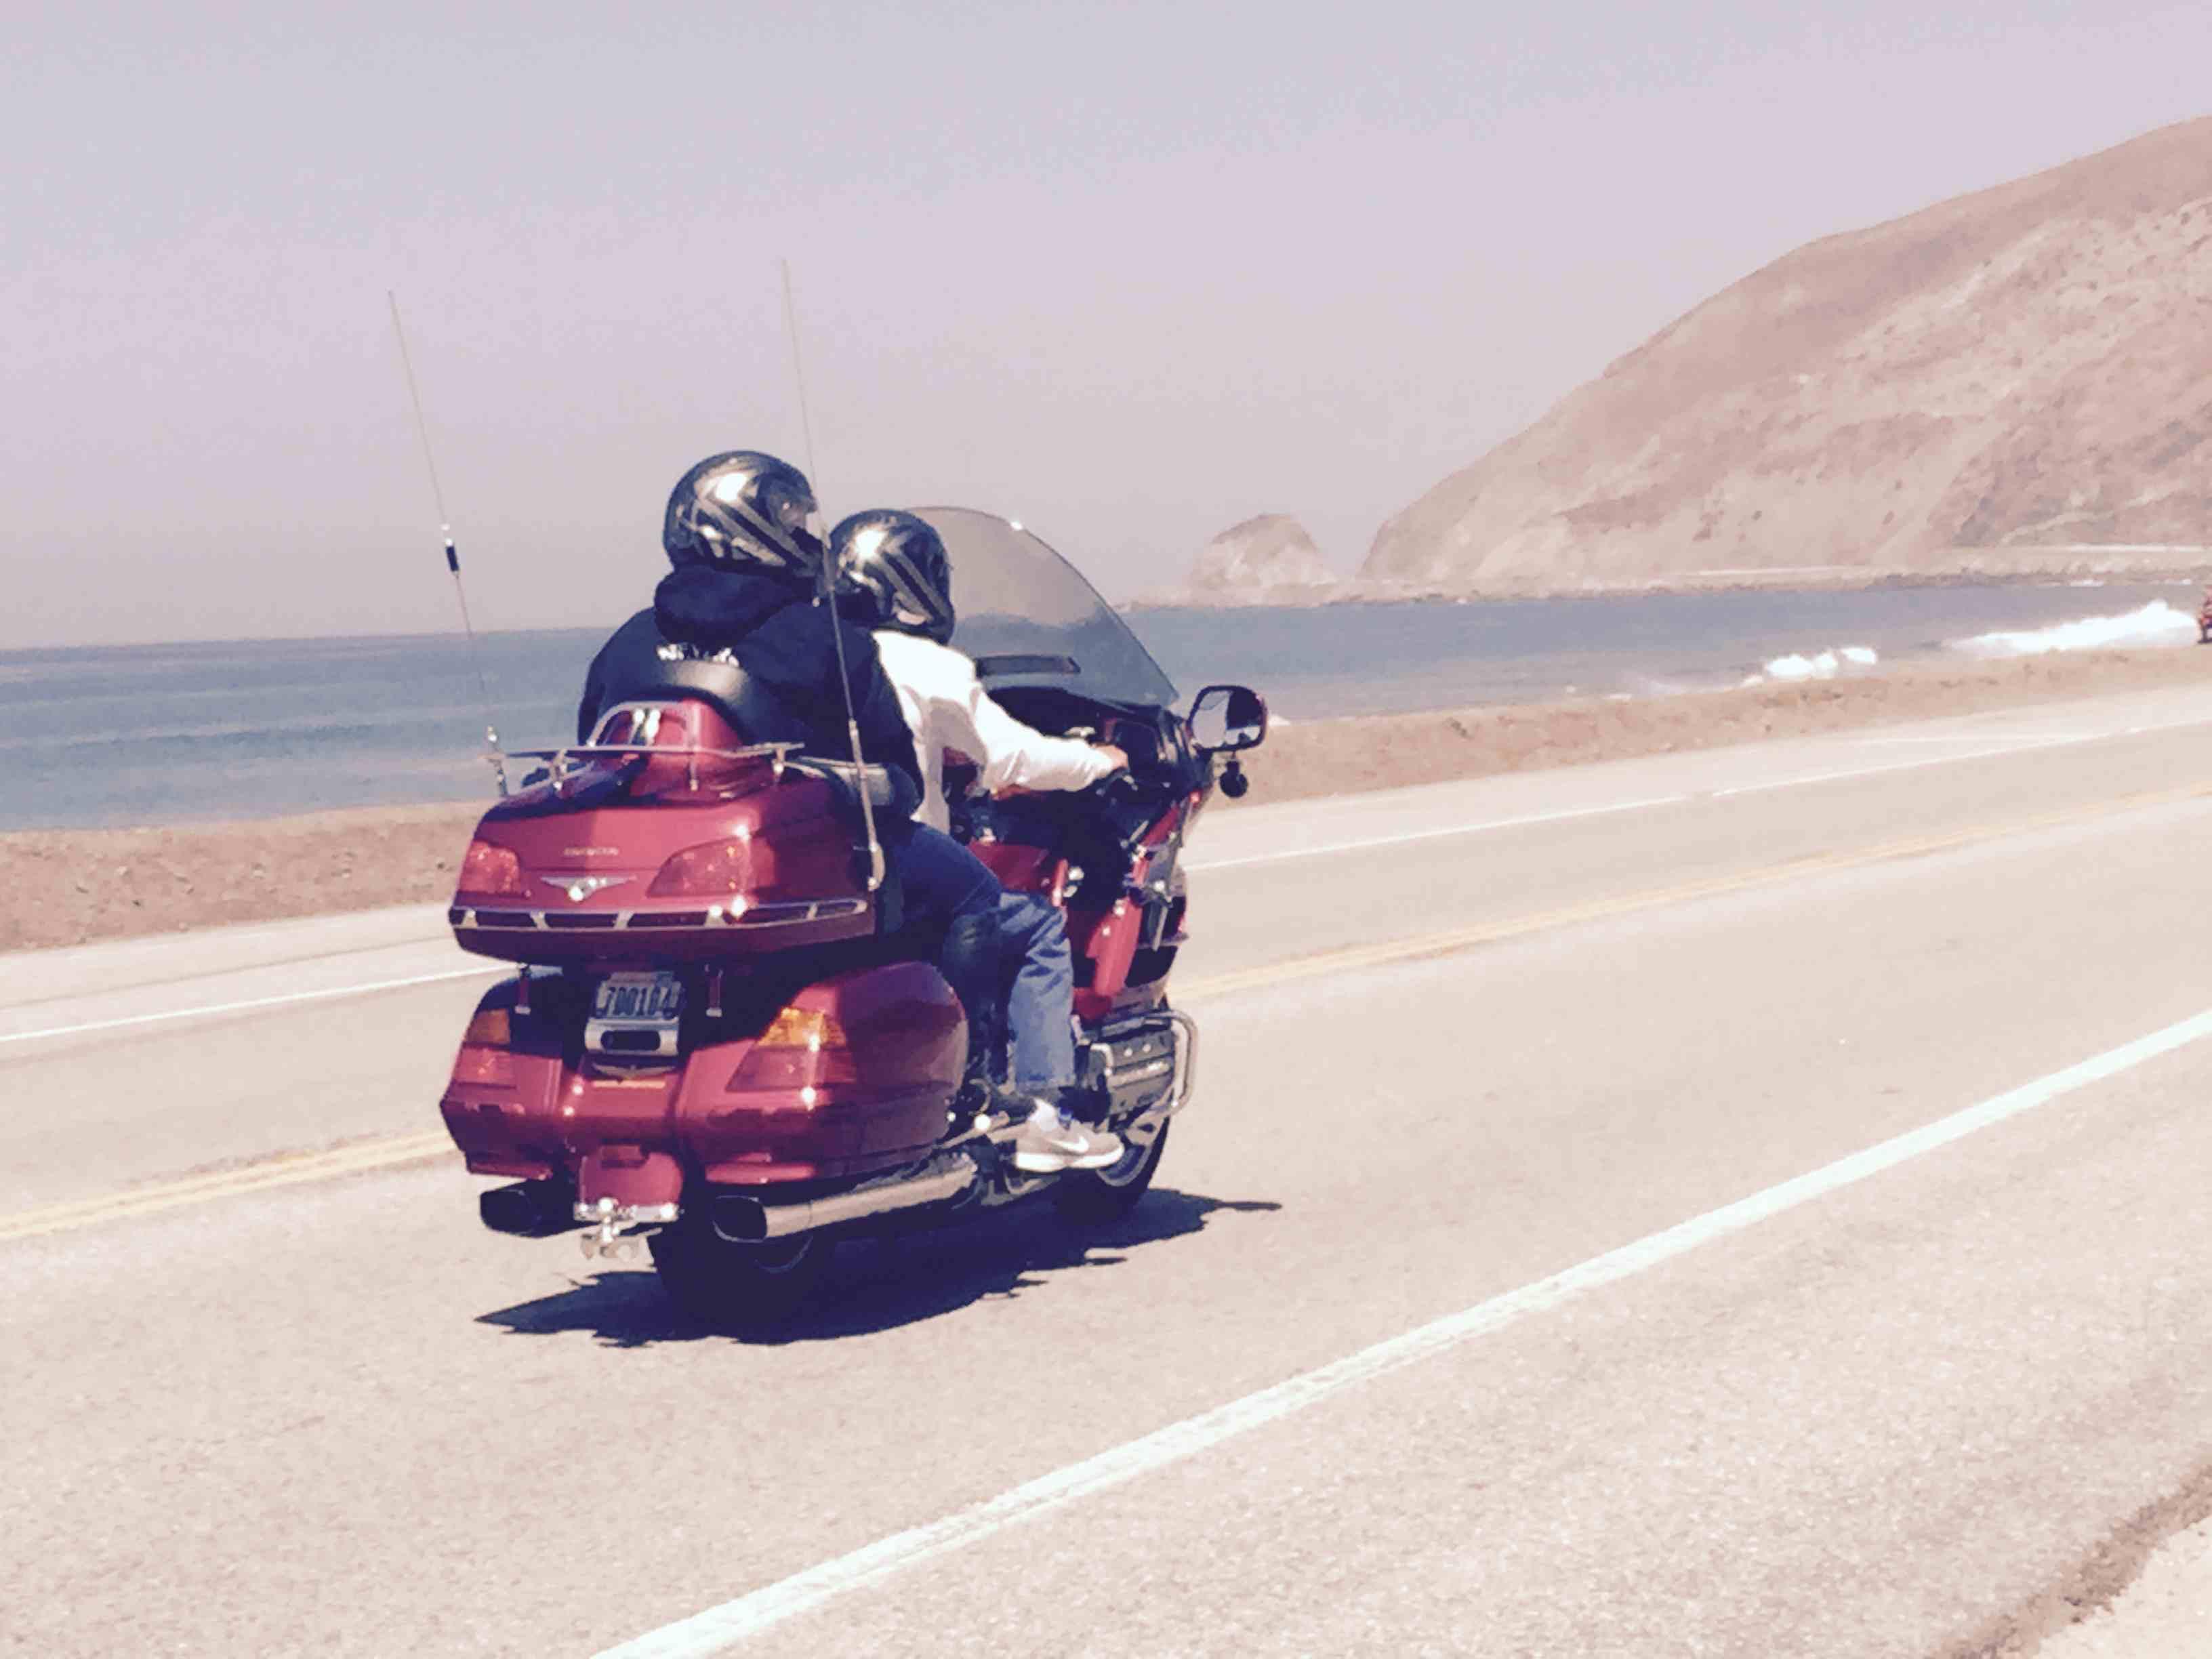 Una pareja navega por la autopista de la costa del Pacífico temprano en la mañana